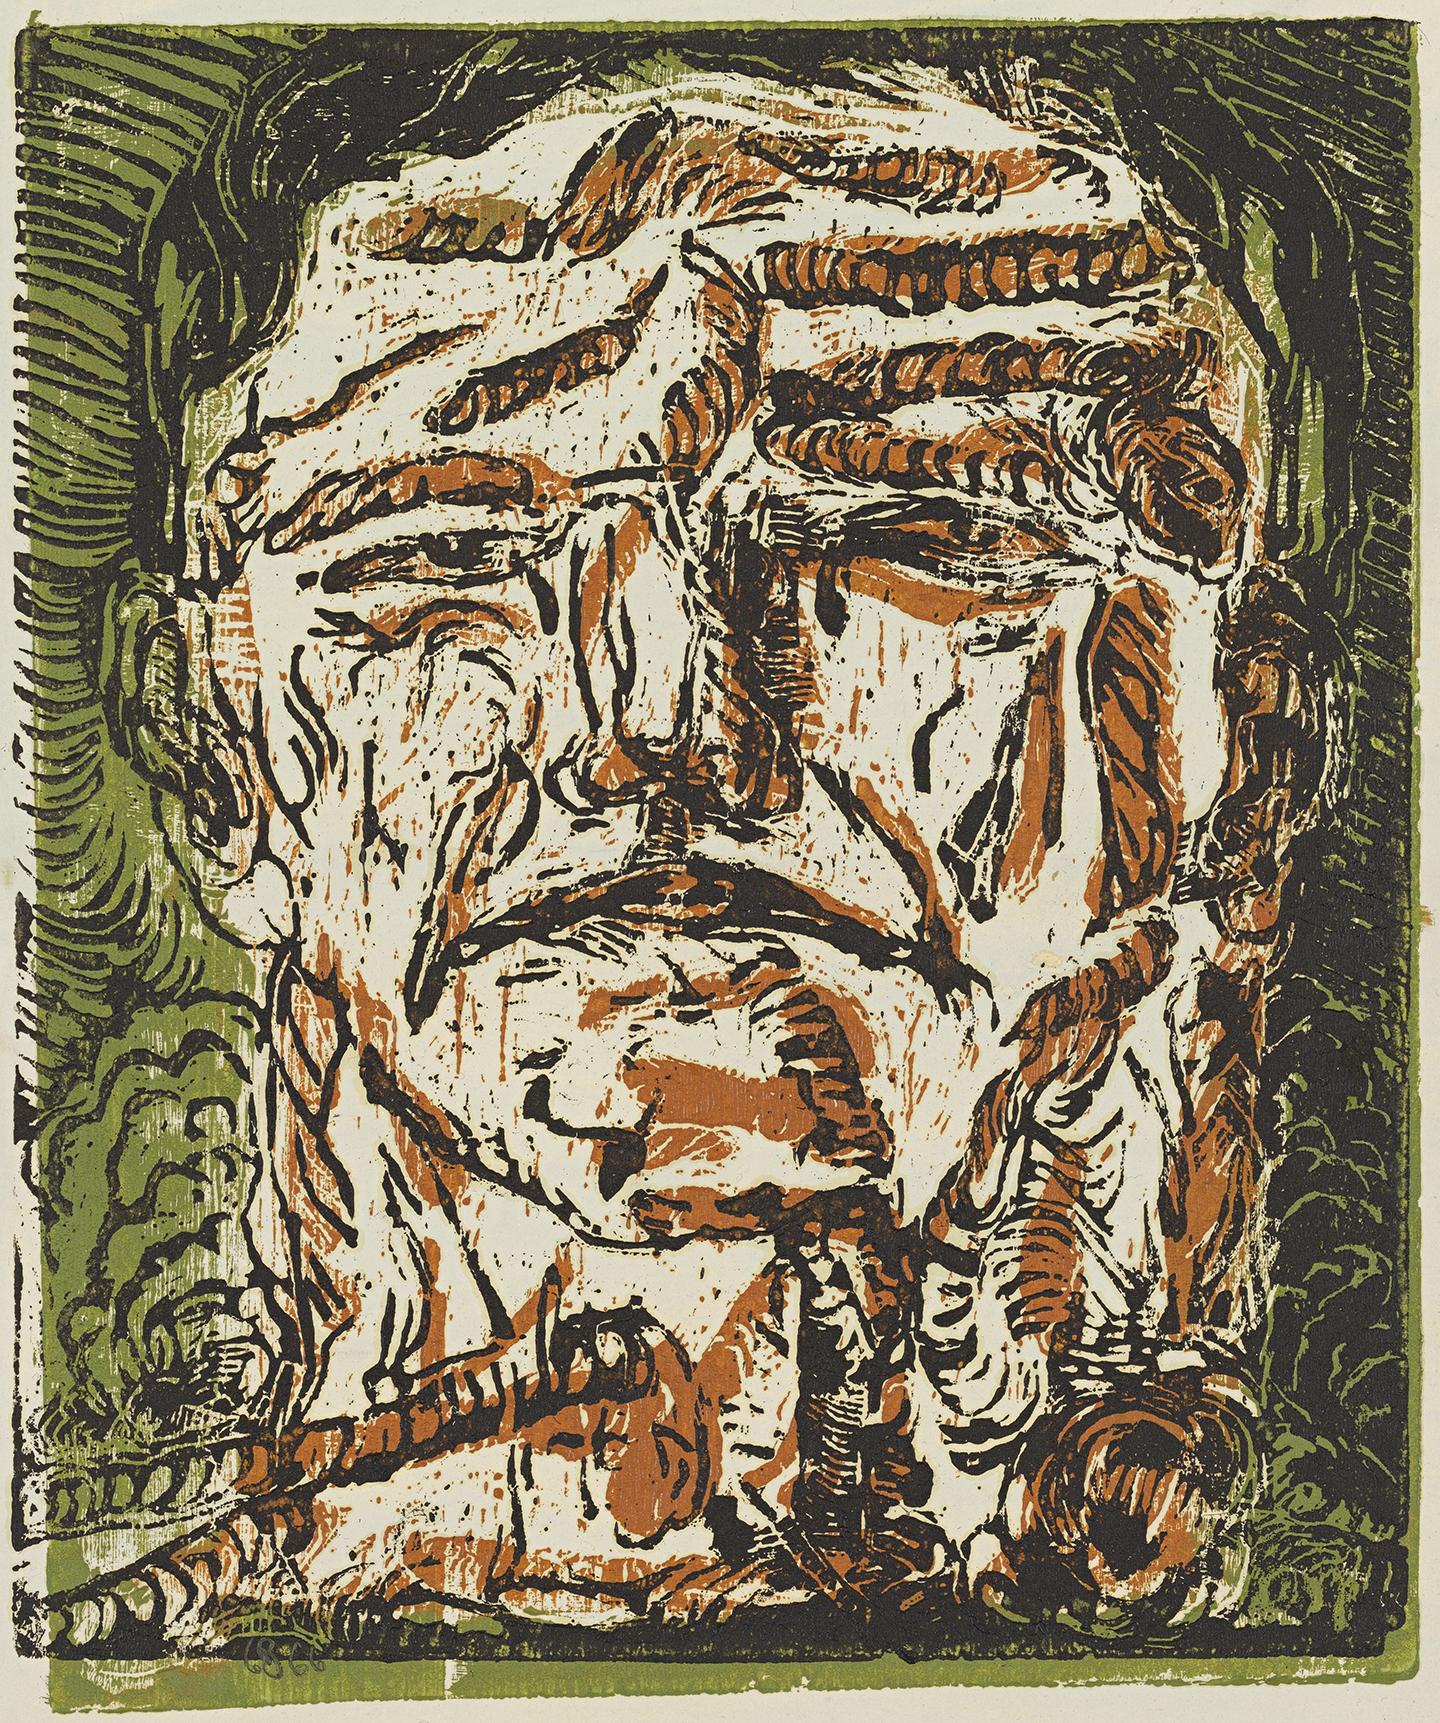 Georg Baselitz. Großer Kopf Large Head, 1966